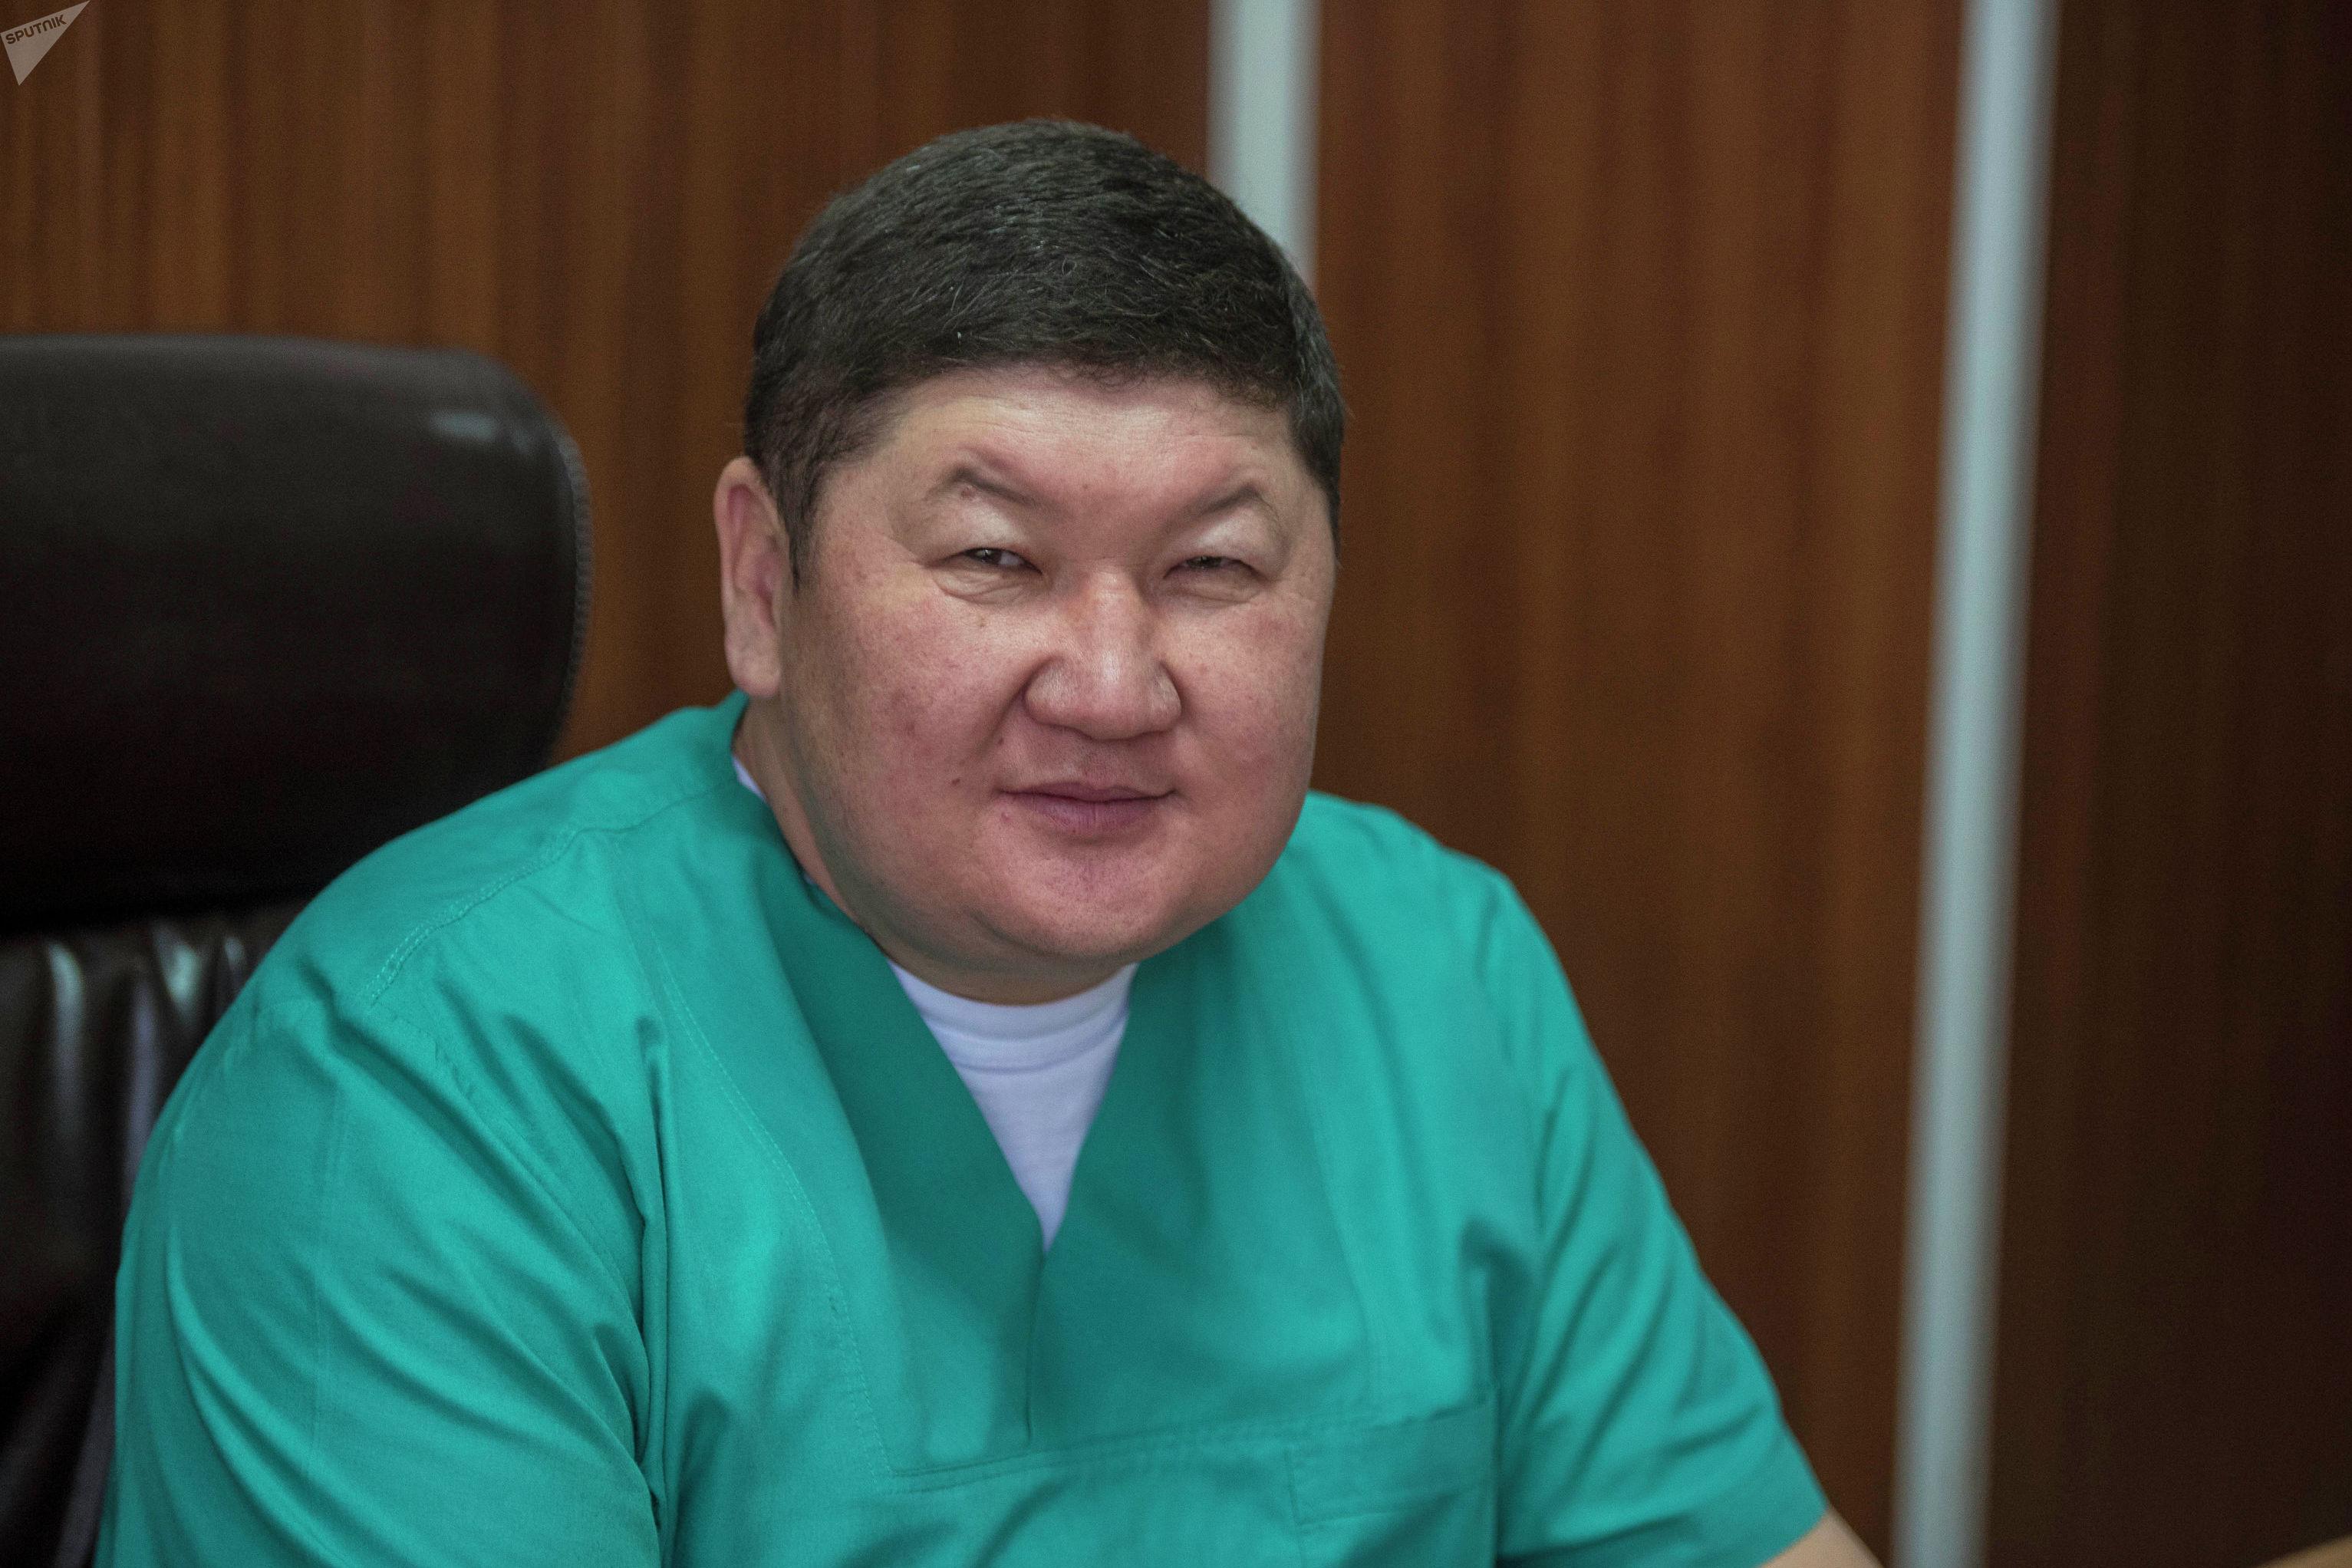 Заместитель директора по организационно-методической работе Бишкекского научного центра травматологии и ортопедии Бакытбек Исаков в кабинете